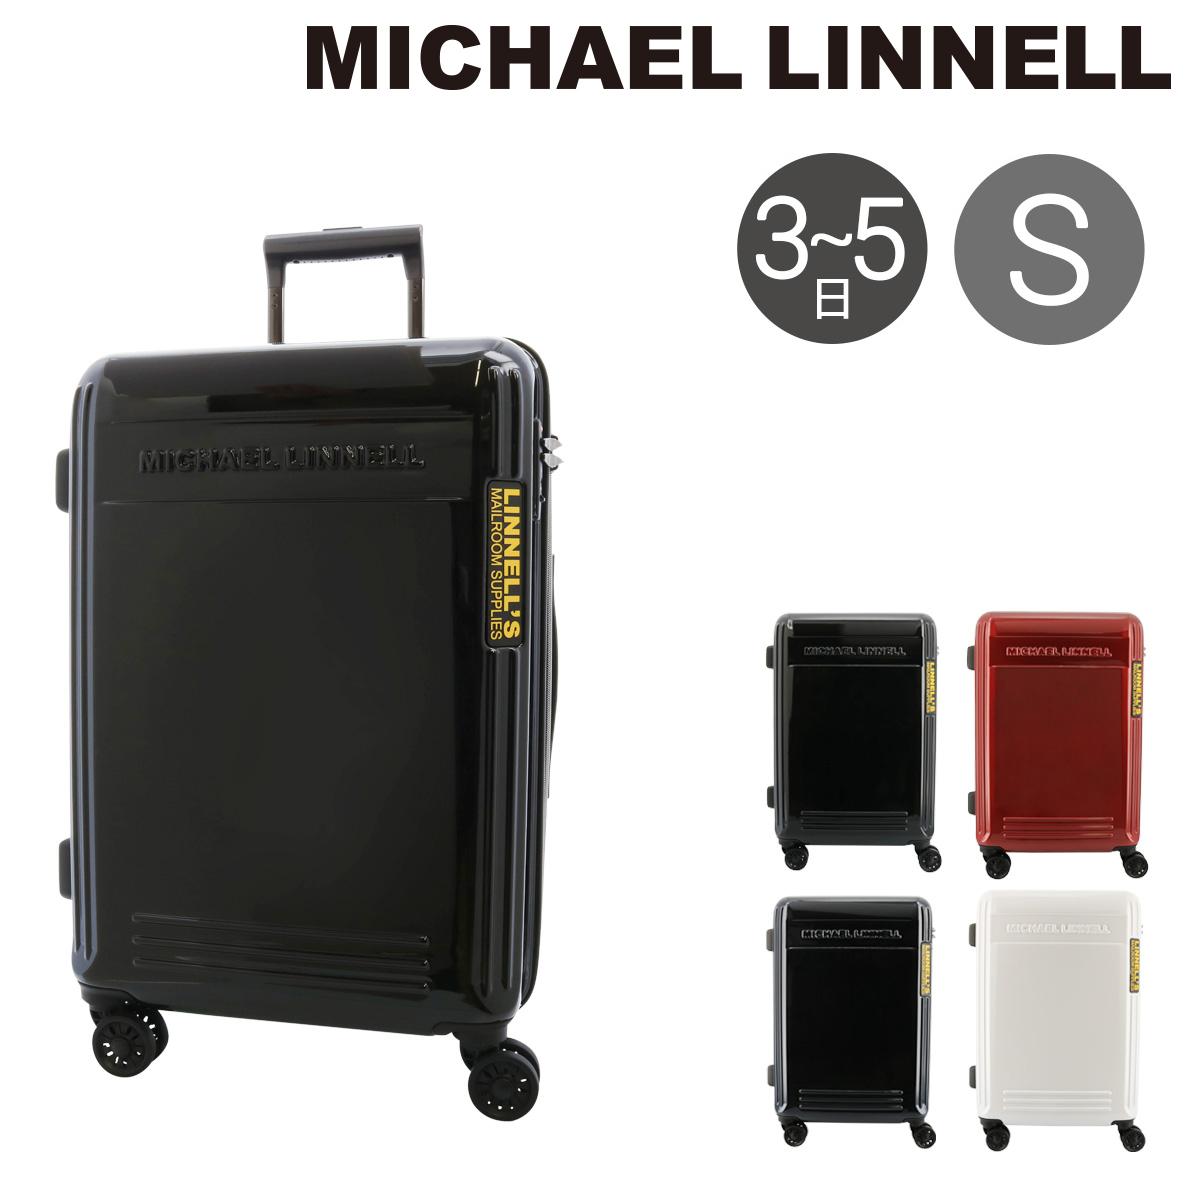 マイケルリンネル スーツケース   50L キャリーケース   55cm 3.6kg 360-5001     ハードファスナー   TSAロック搭載 キャリーバッグ キャリーケース [05/27][即日発送][PO10], ナカタドグン:a39790bb --- sunward.msk.ru